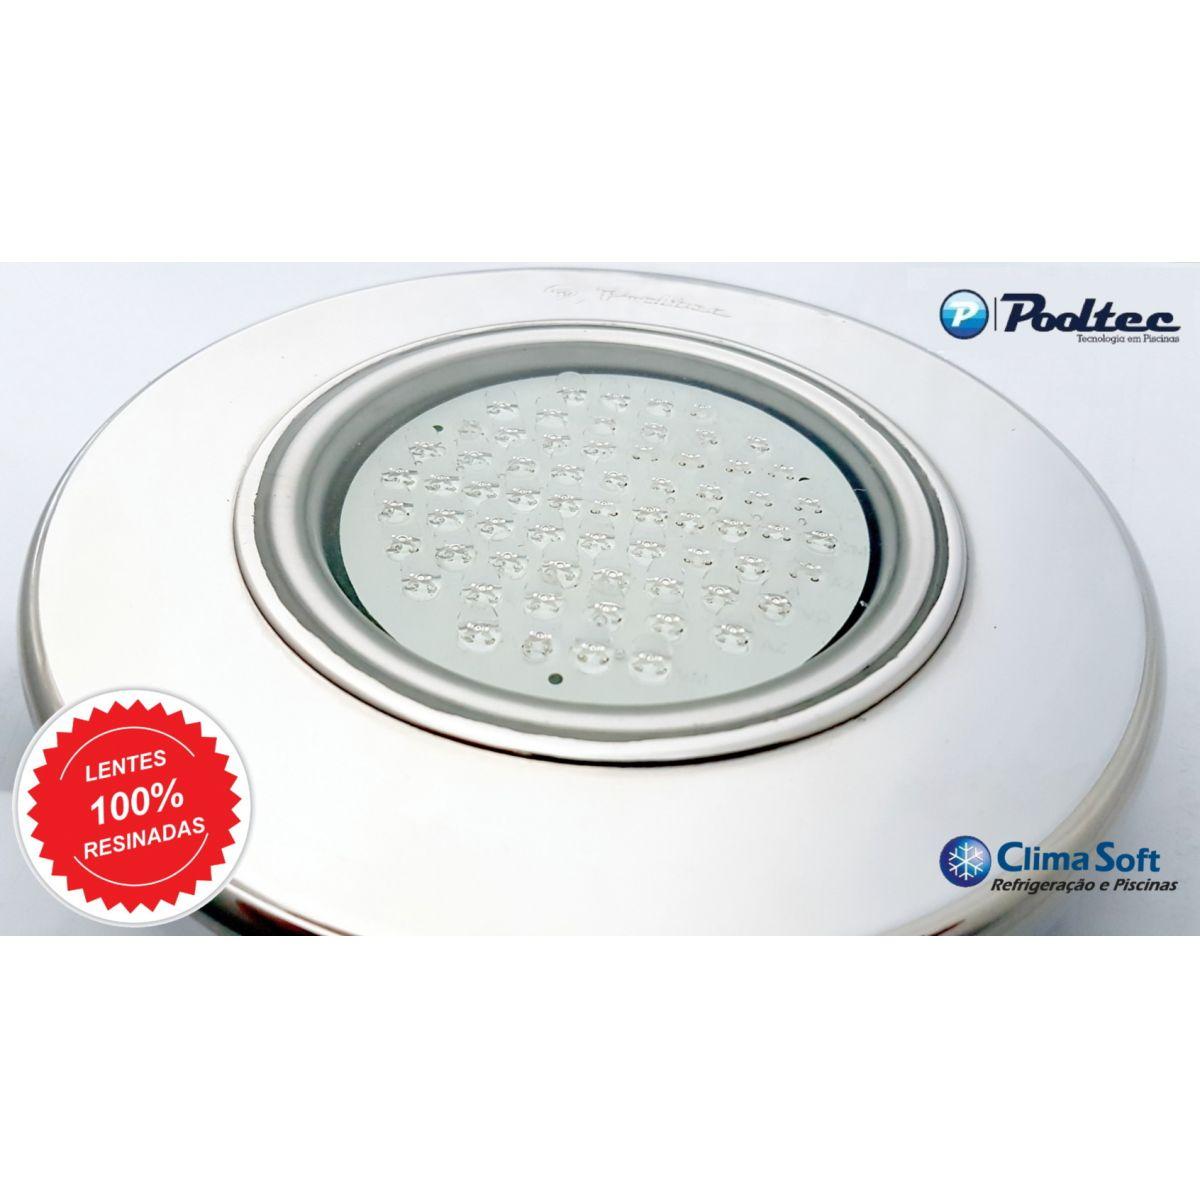 Kit Iluminação para Piscina 2 Led 65 Inox RGB Colorido + Comando e Controle Remoto - Até 18 m²